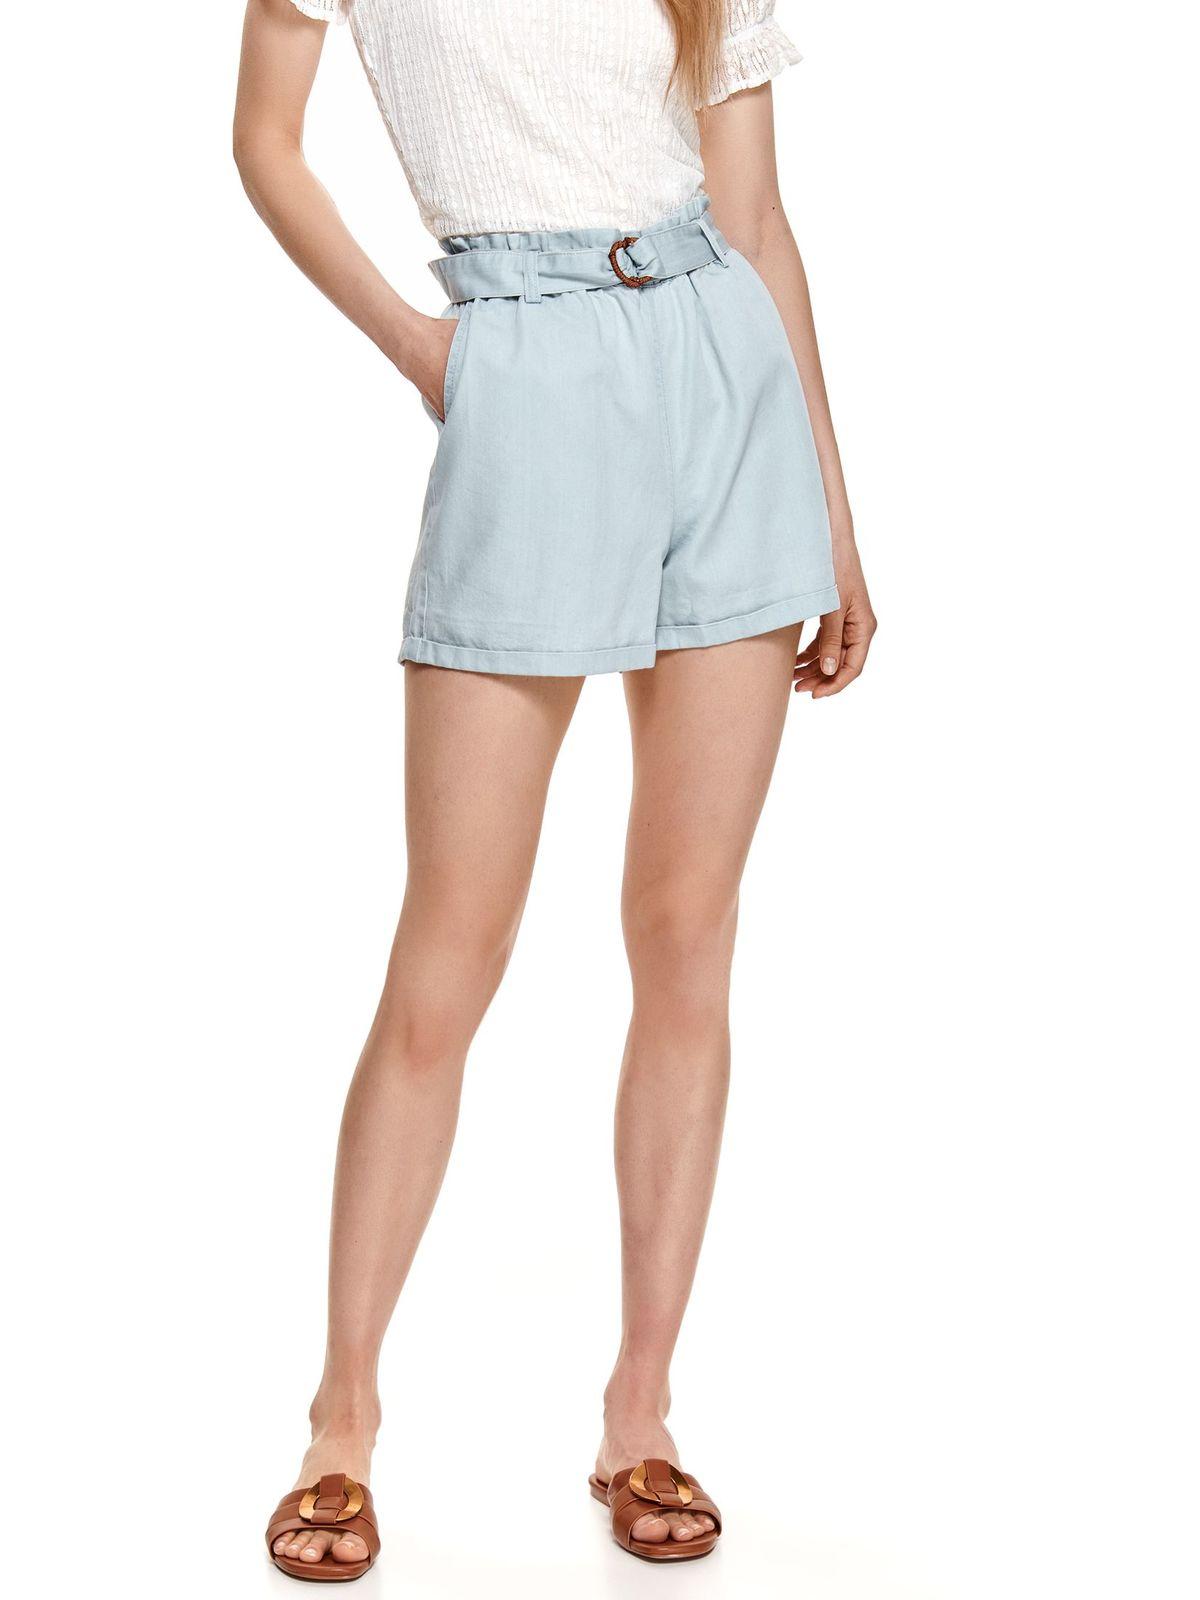 Pantalon scurt Top Secret albastru cu aspect de denim din material subtire cu croi larg si talie inalta